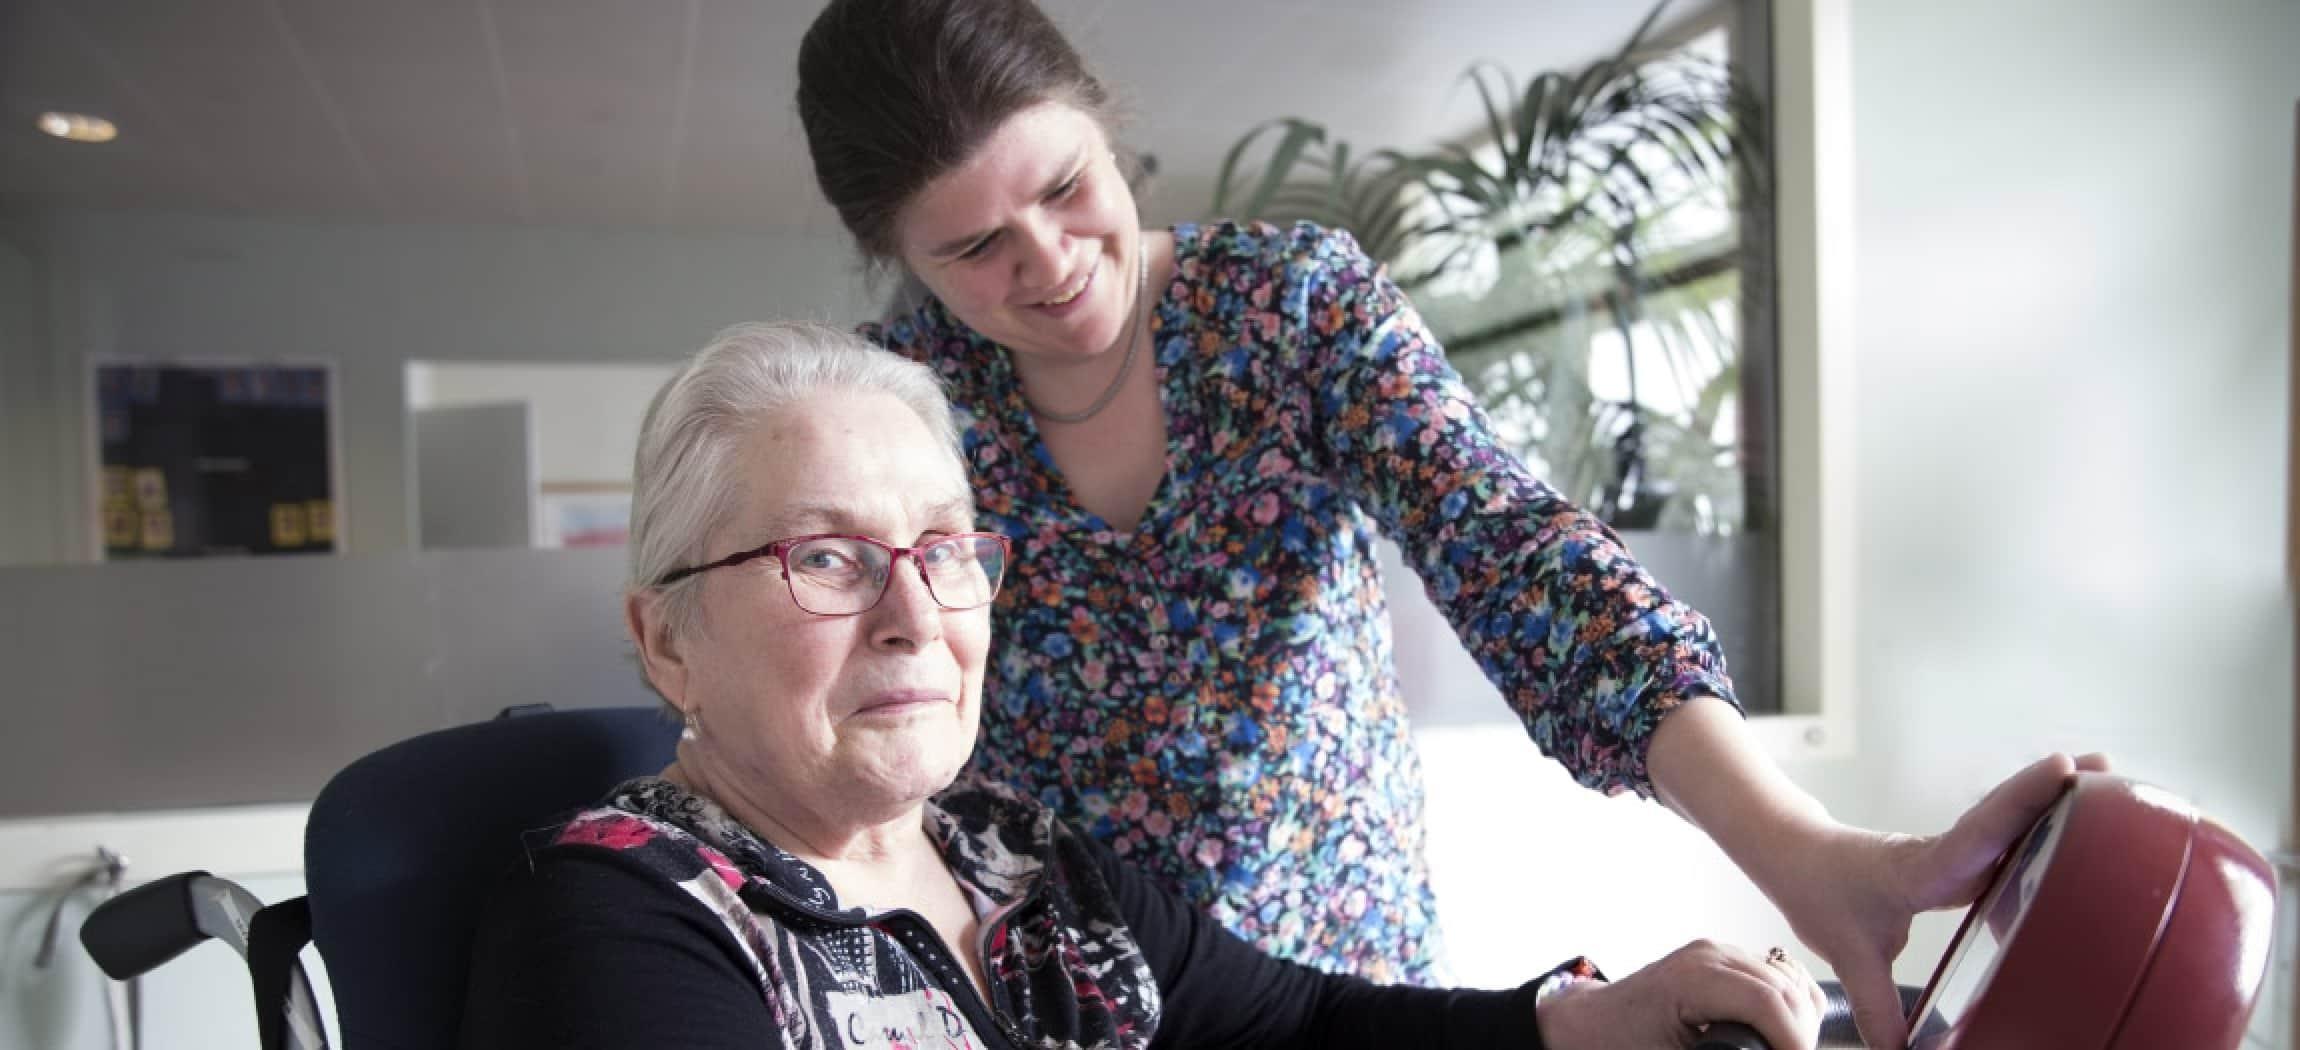 Mevrouw met de ziekte van Parkinson oefent aan de fysio fiets bij fysiotherapeut